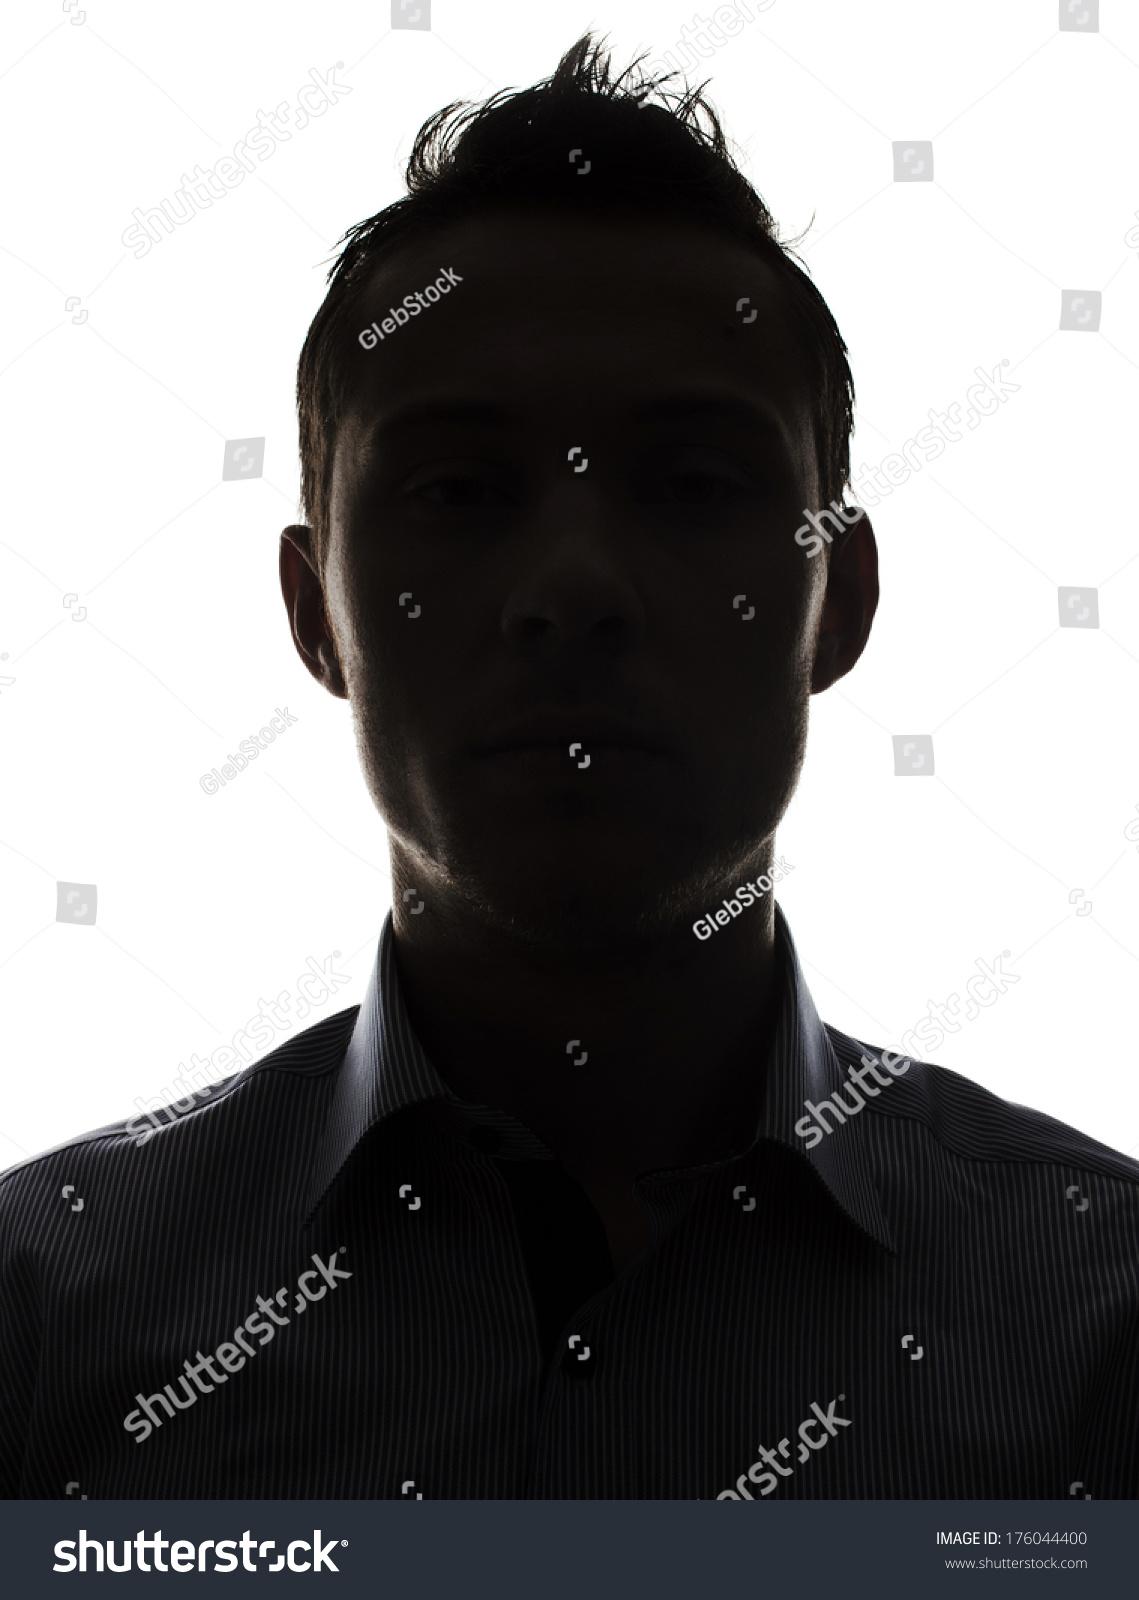 Male Person Silhouette Stock Photo 176044400 : Shutterstock